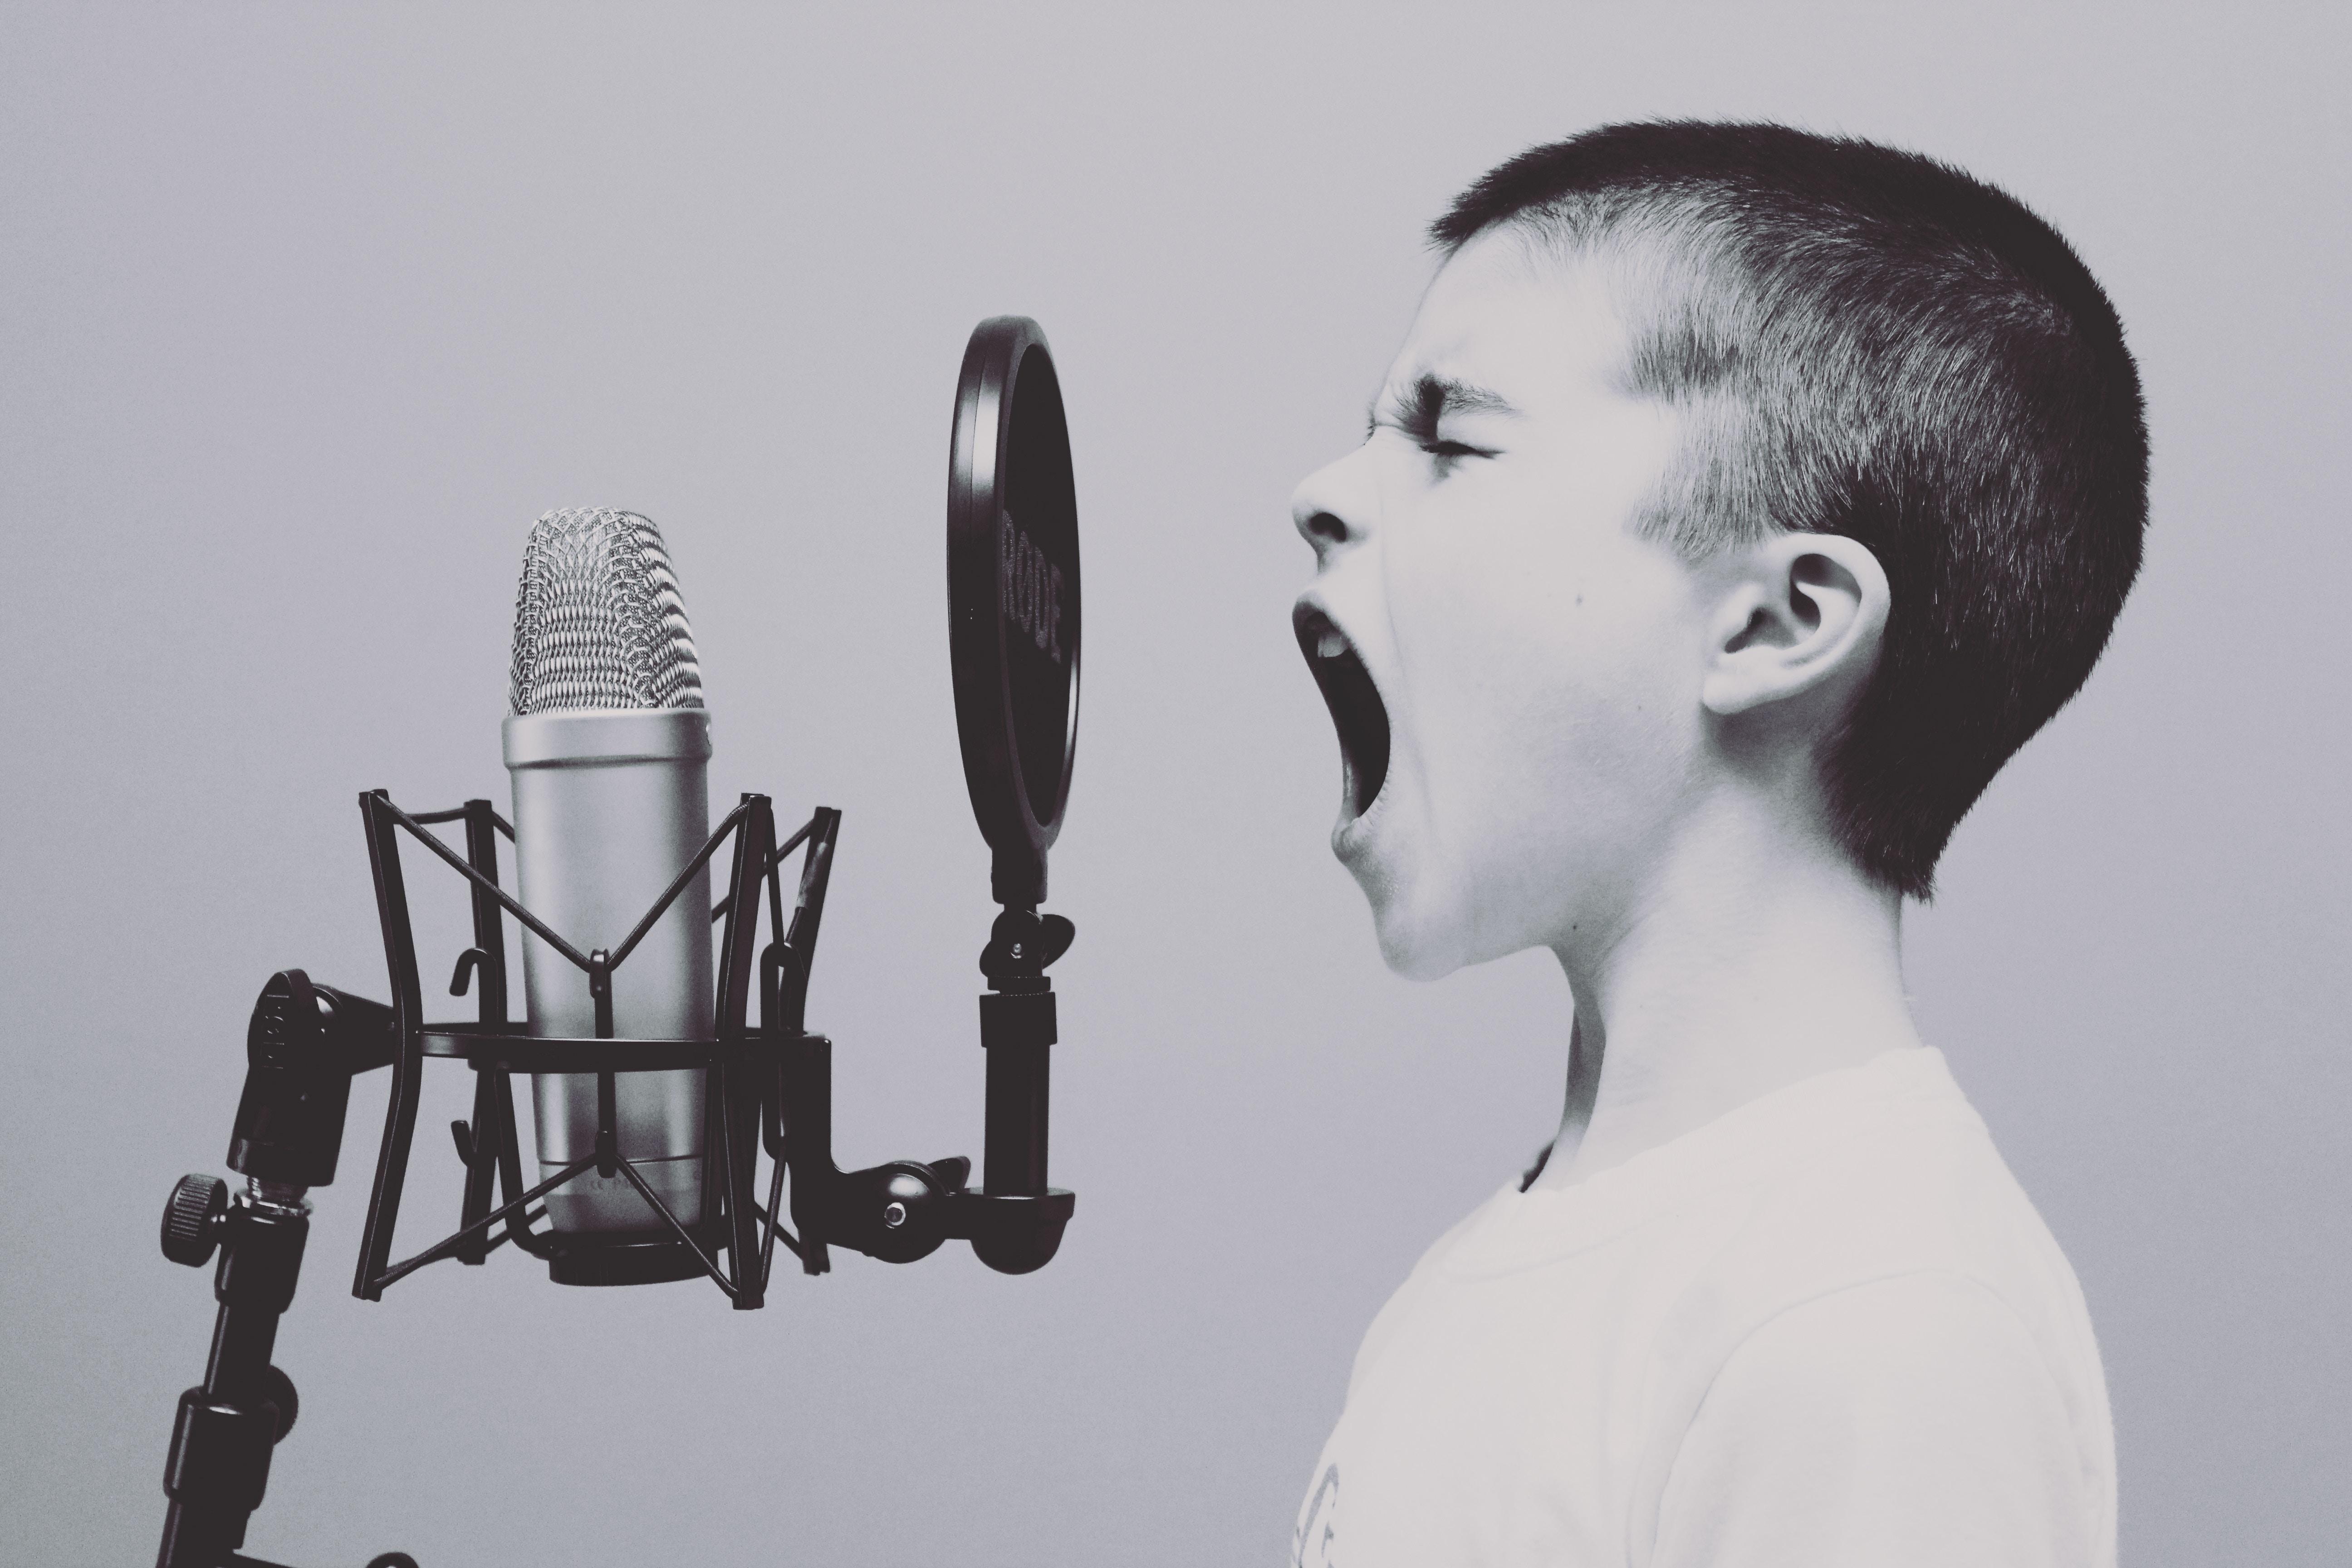 Comment mieux communiquer vos salariés (en évitant les biais)